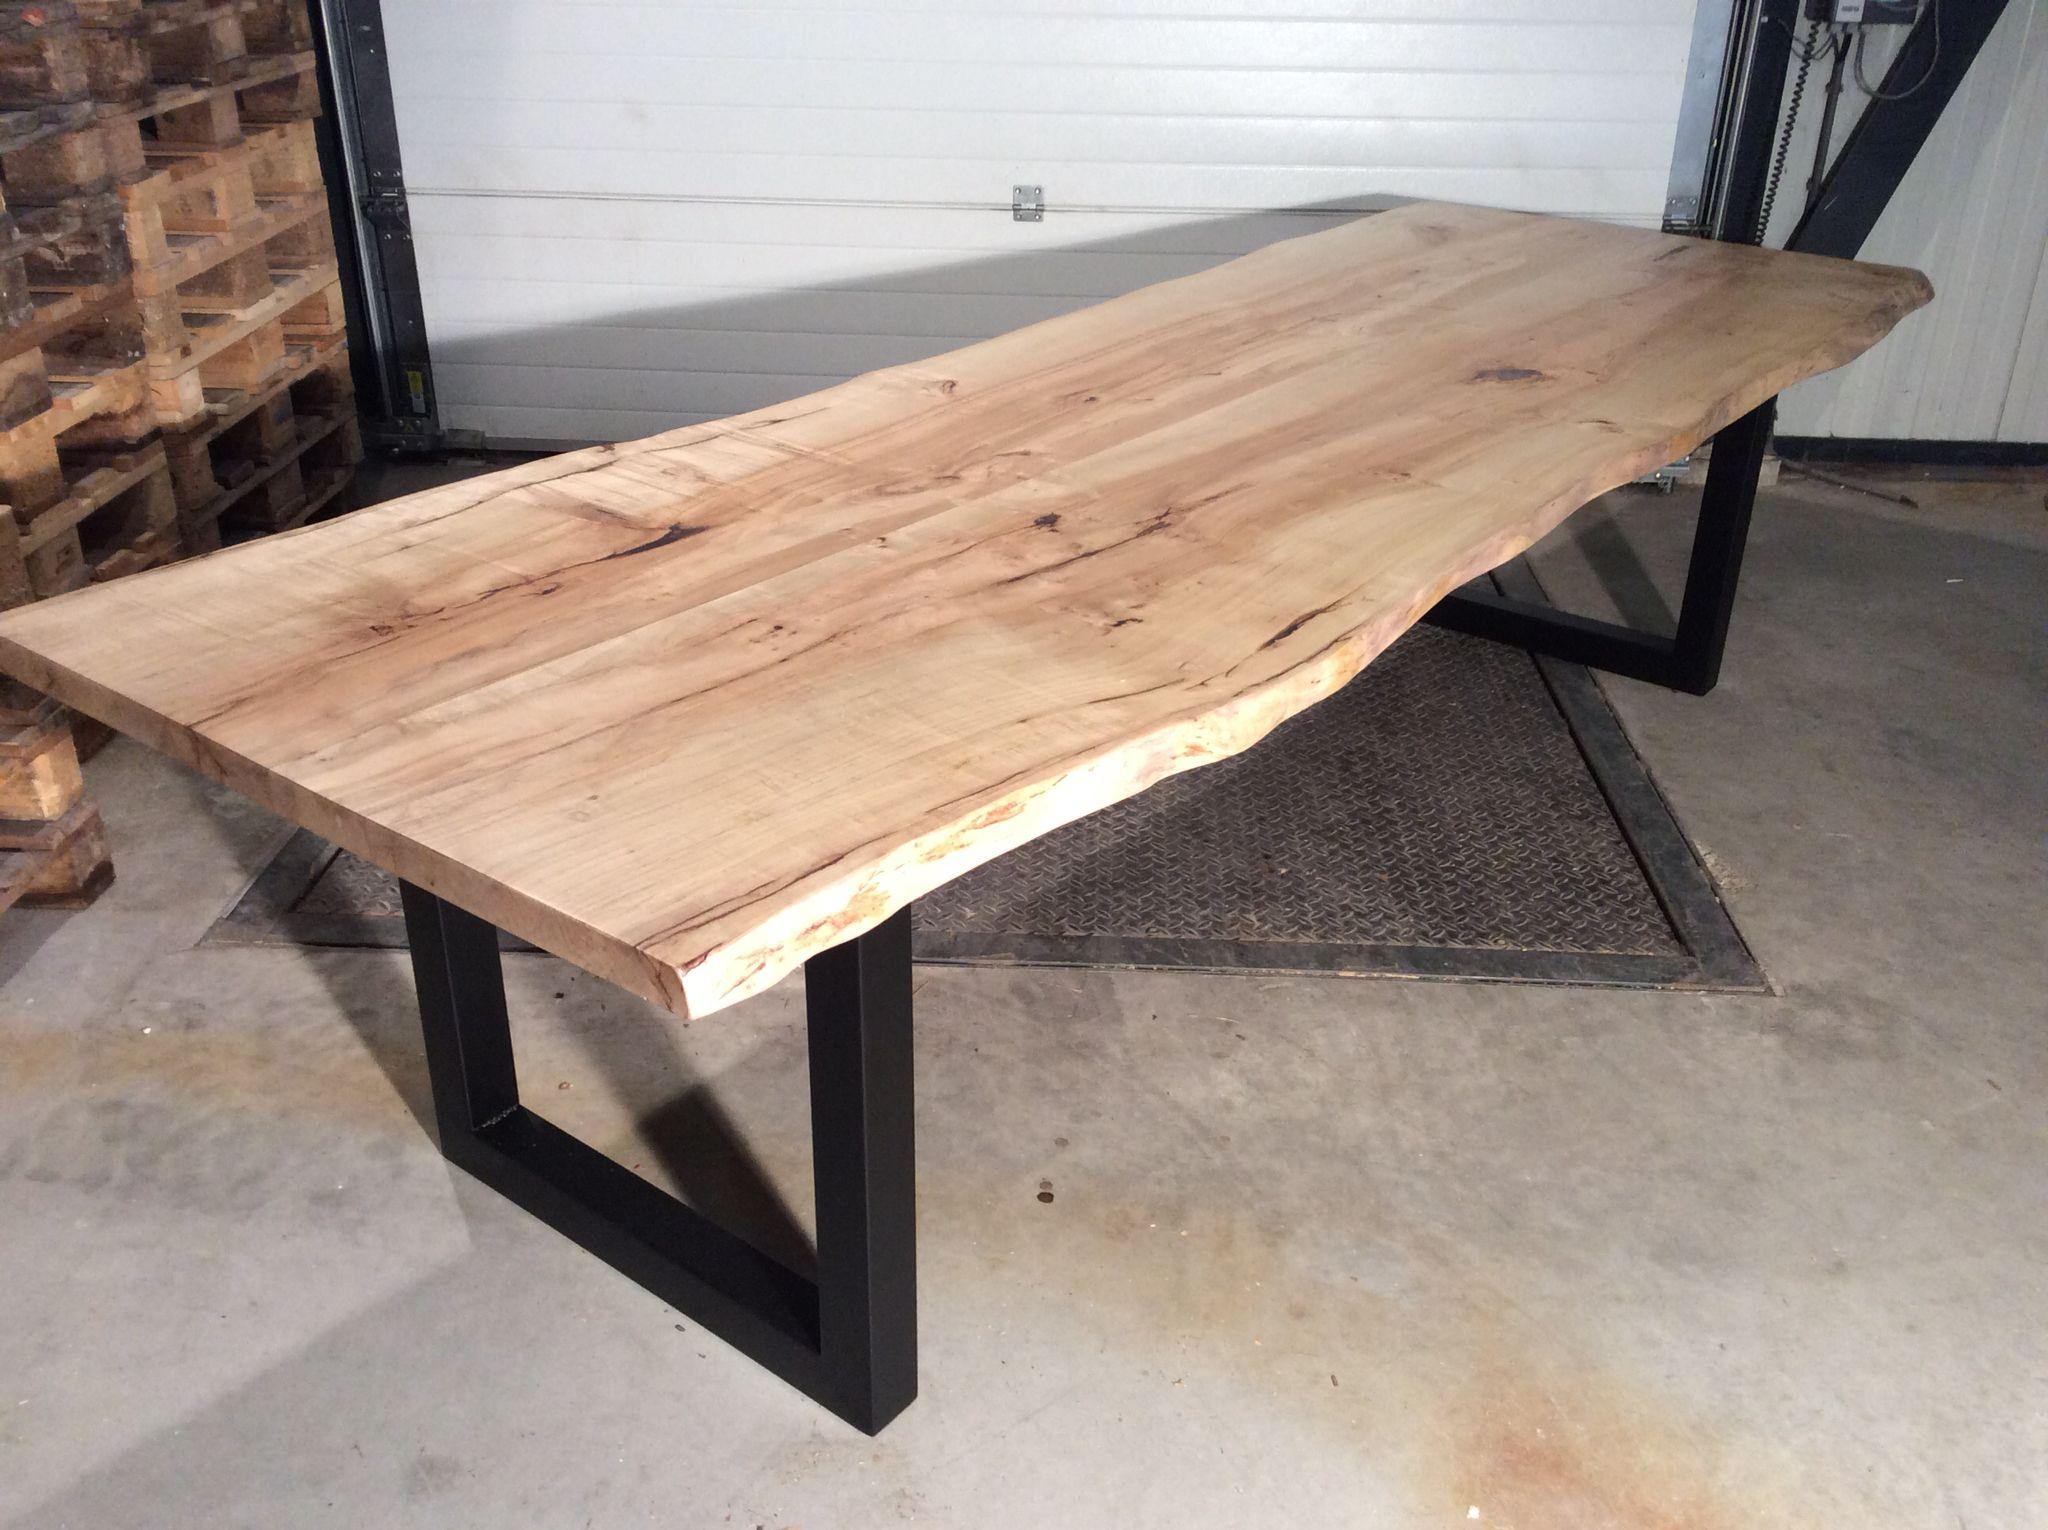 Houten Boomstam Tafel : Boomstam tafel esdoorn meterop vierkant frame mat zwart vanaf